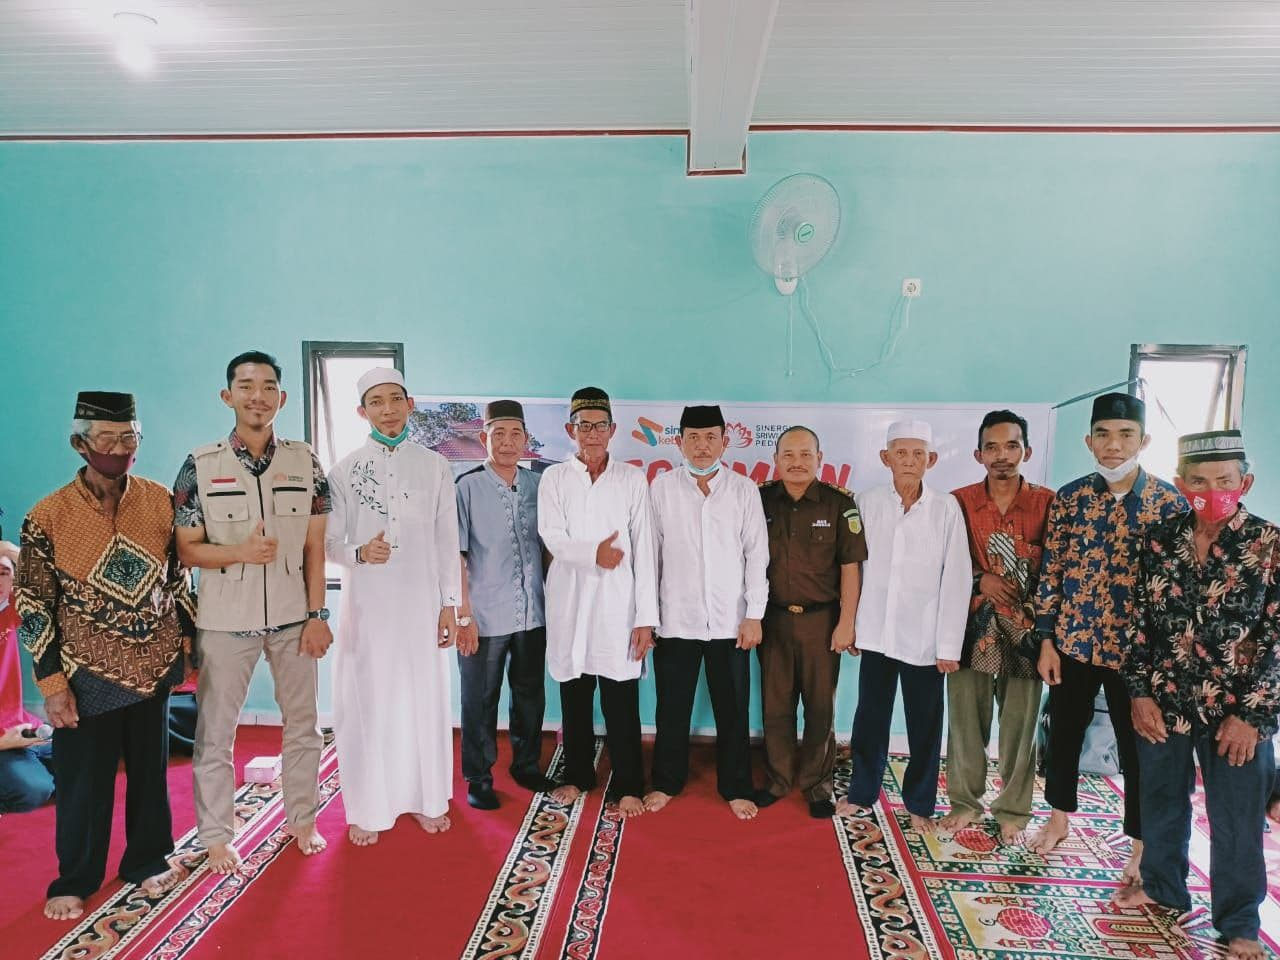 Donatur SS Peduli bangun kembali Masjid Al-Fattah, mendapat apresiasi dari Masyarakat Ogan Ilir